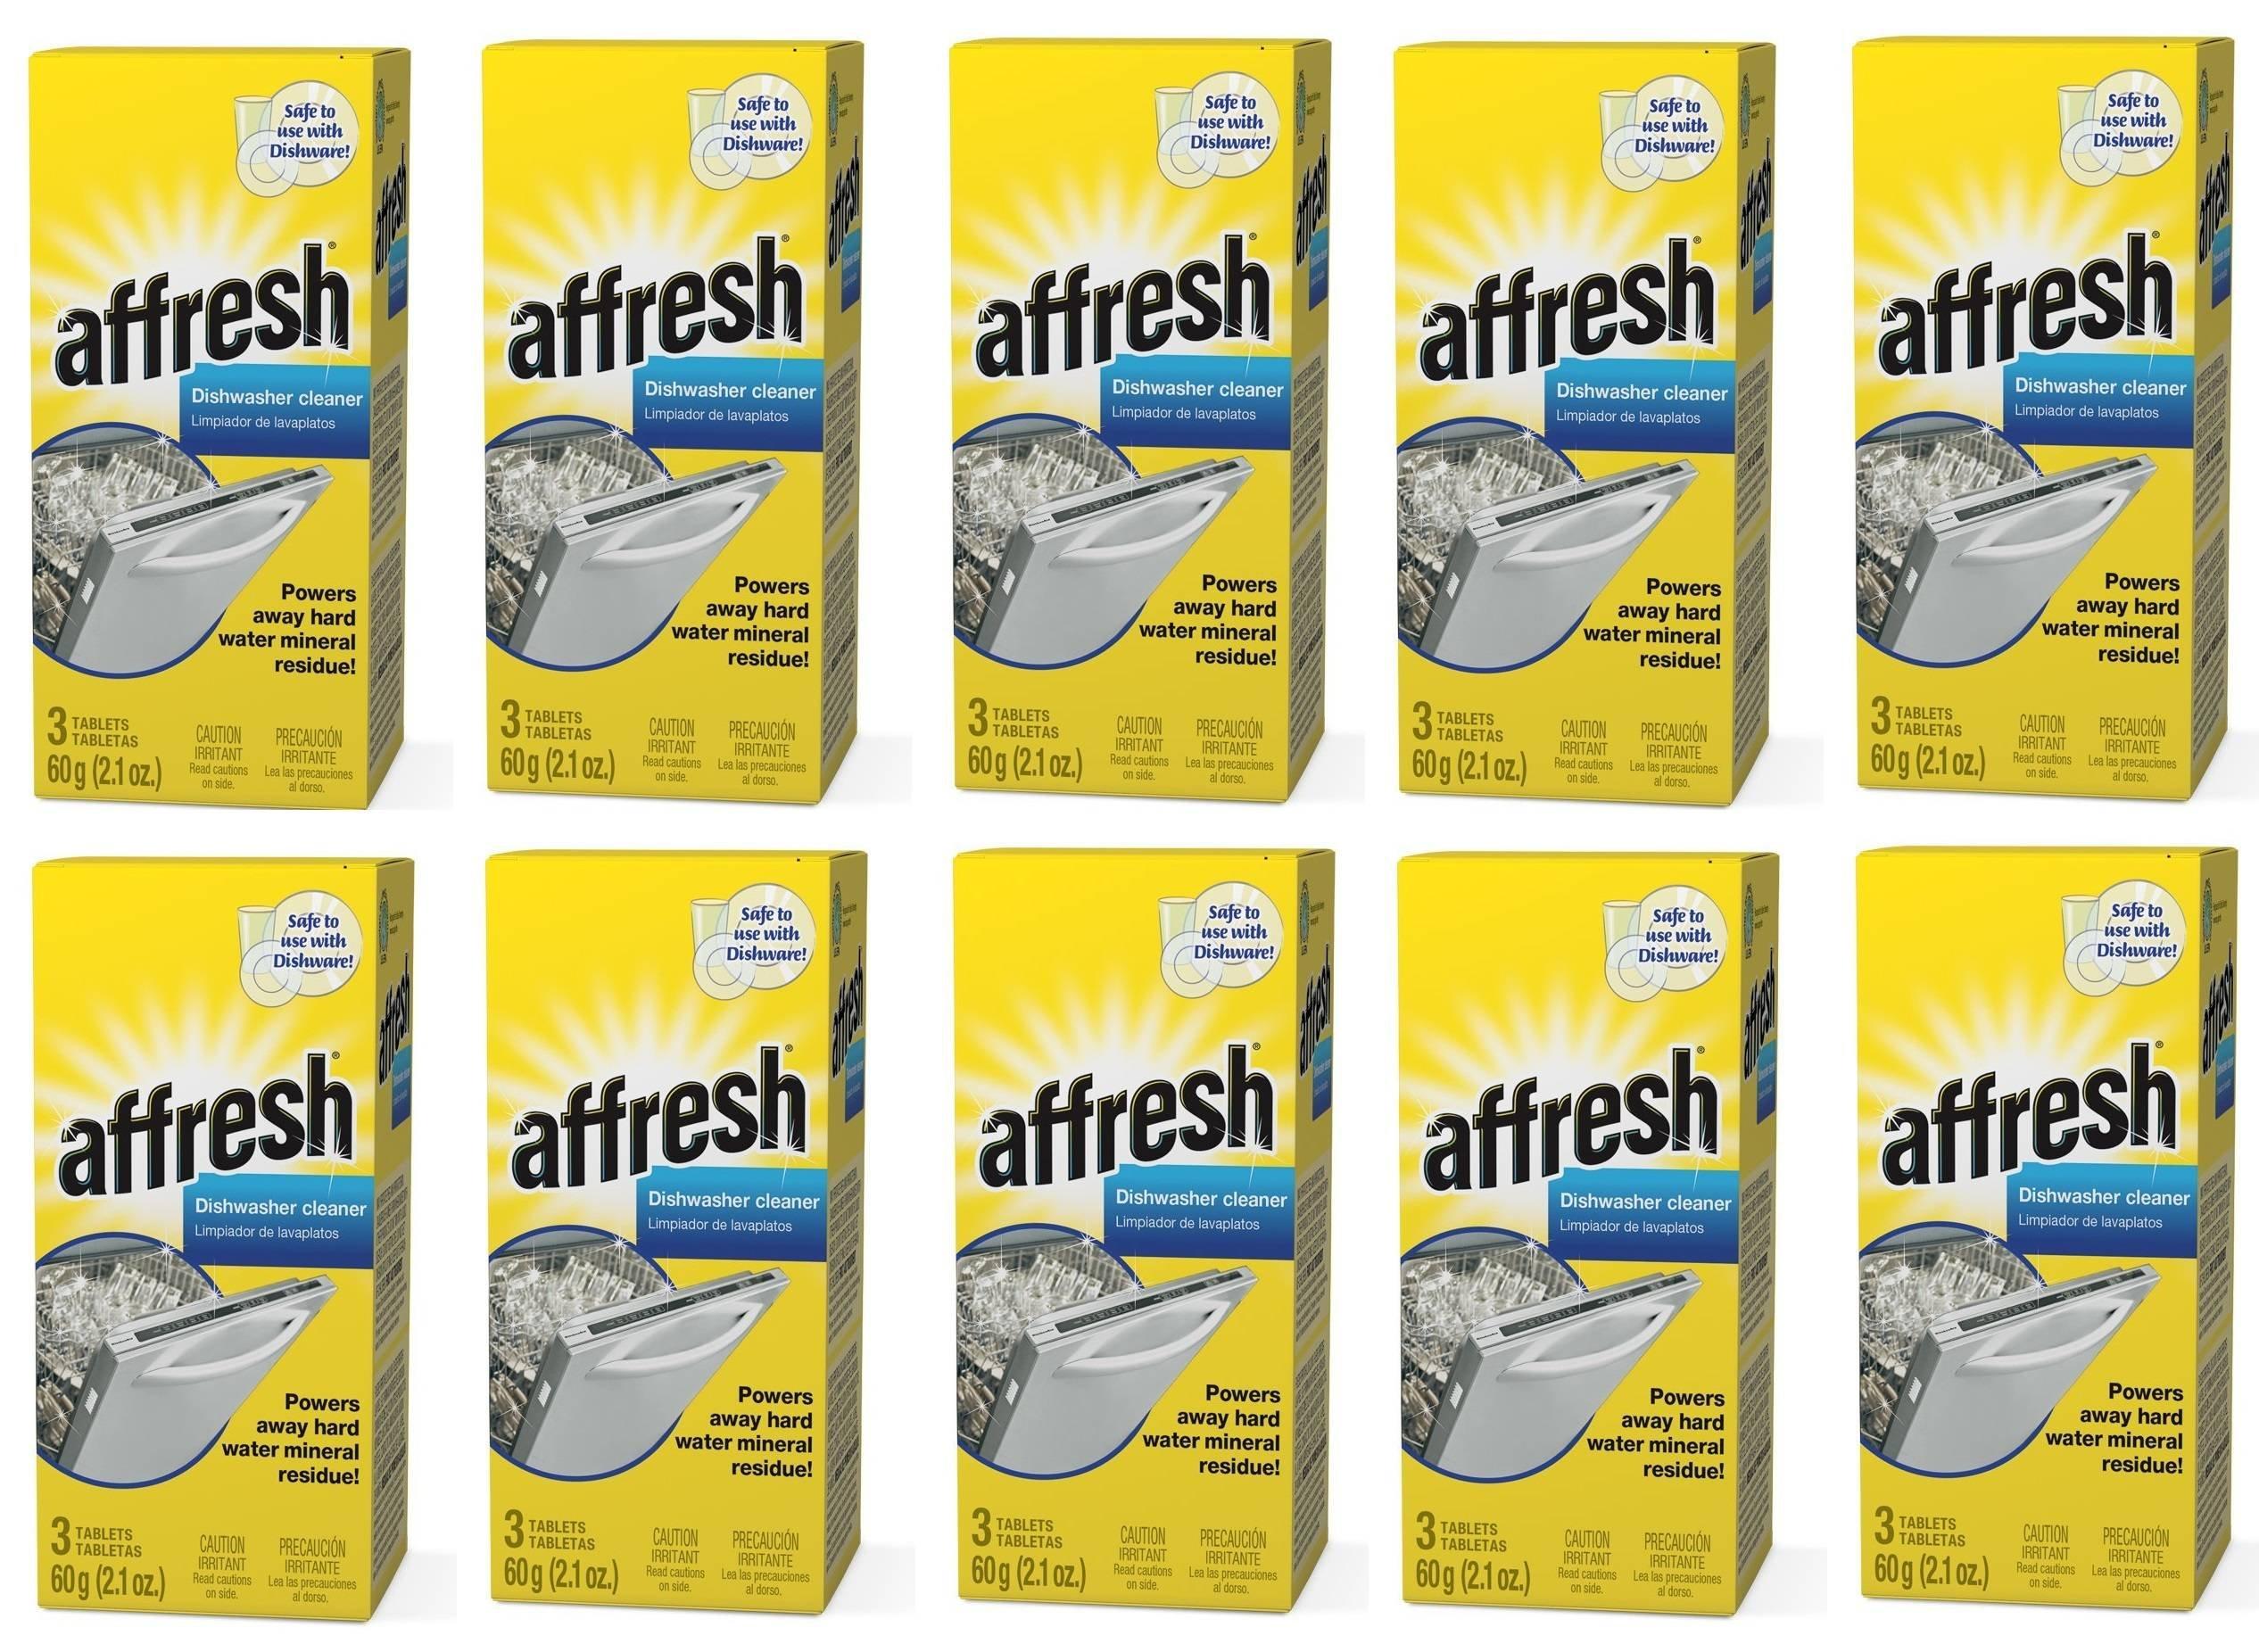 Affresh W10549850 Dishwasher Cleaner GxqnJf, 30 Tablets in Carton